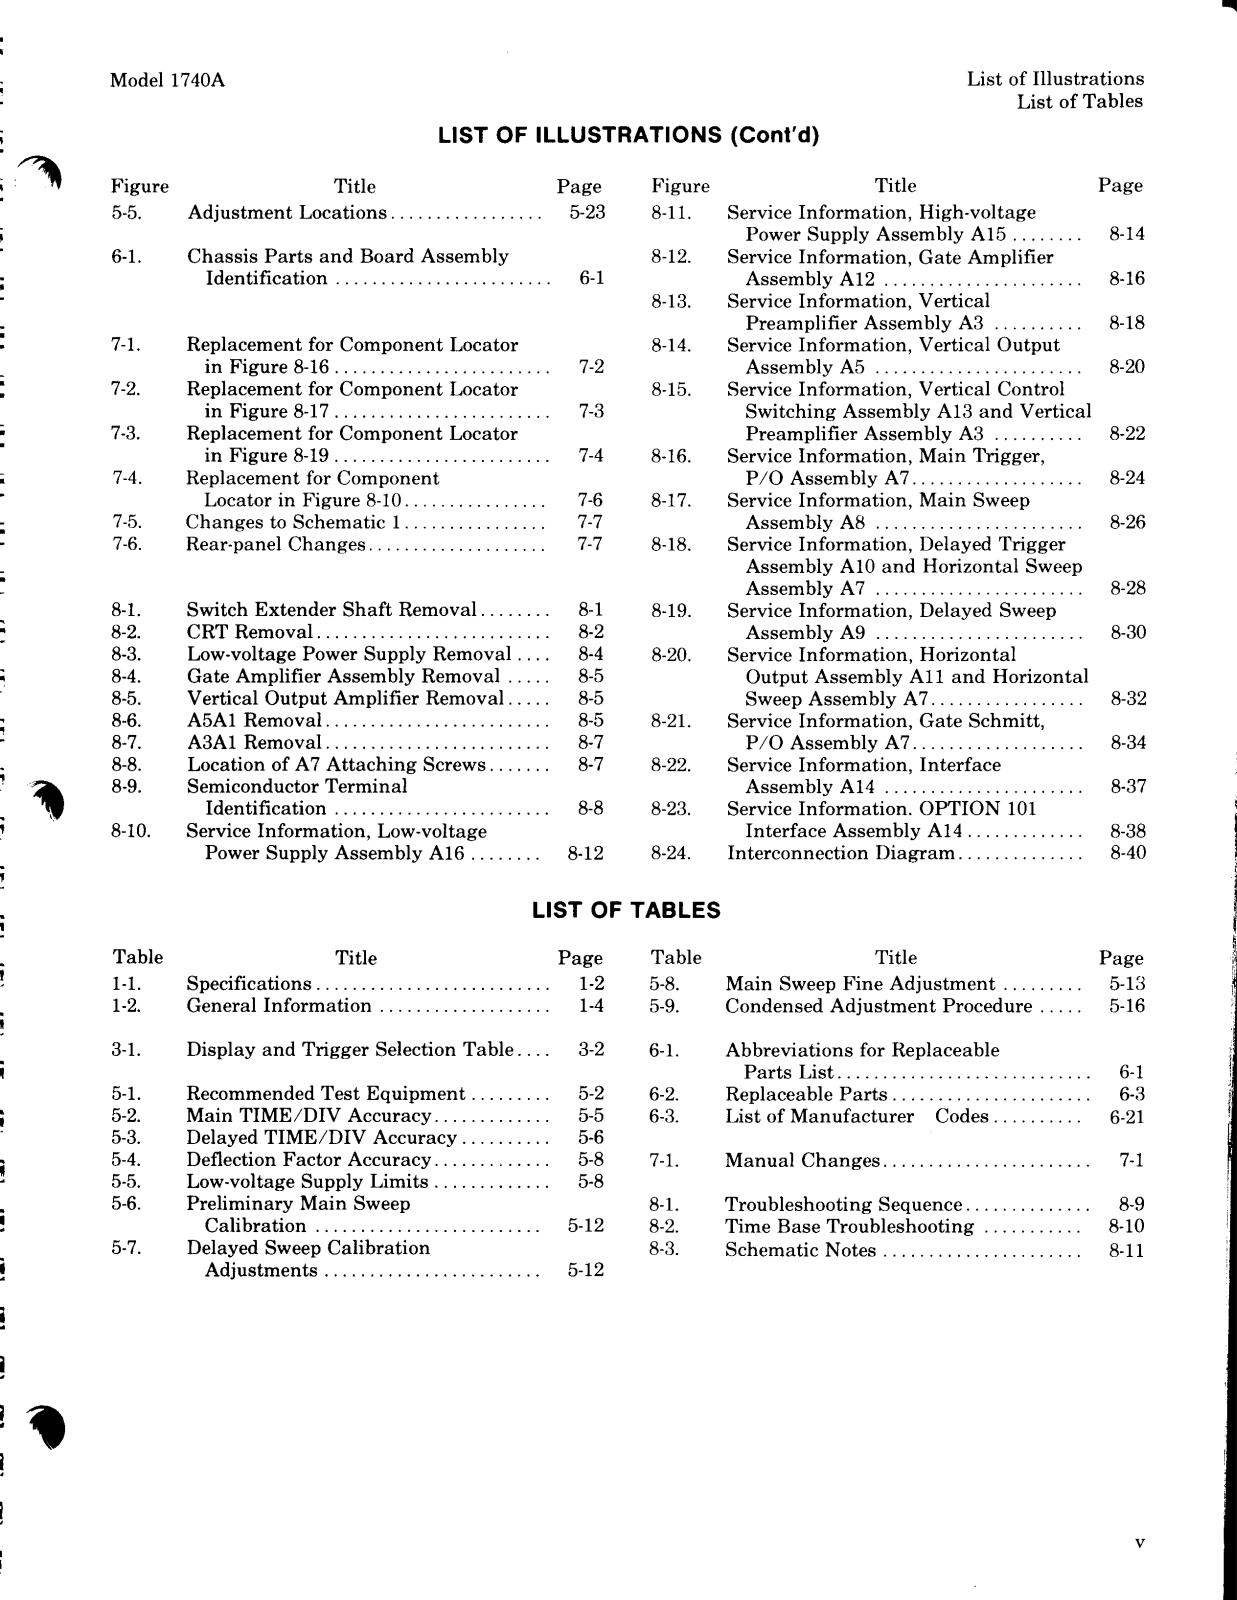 HP 1740a schematic